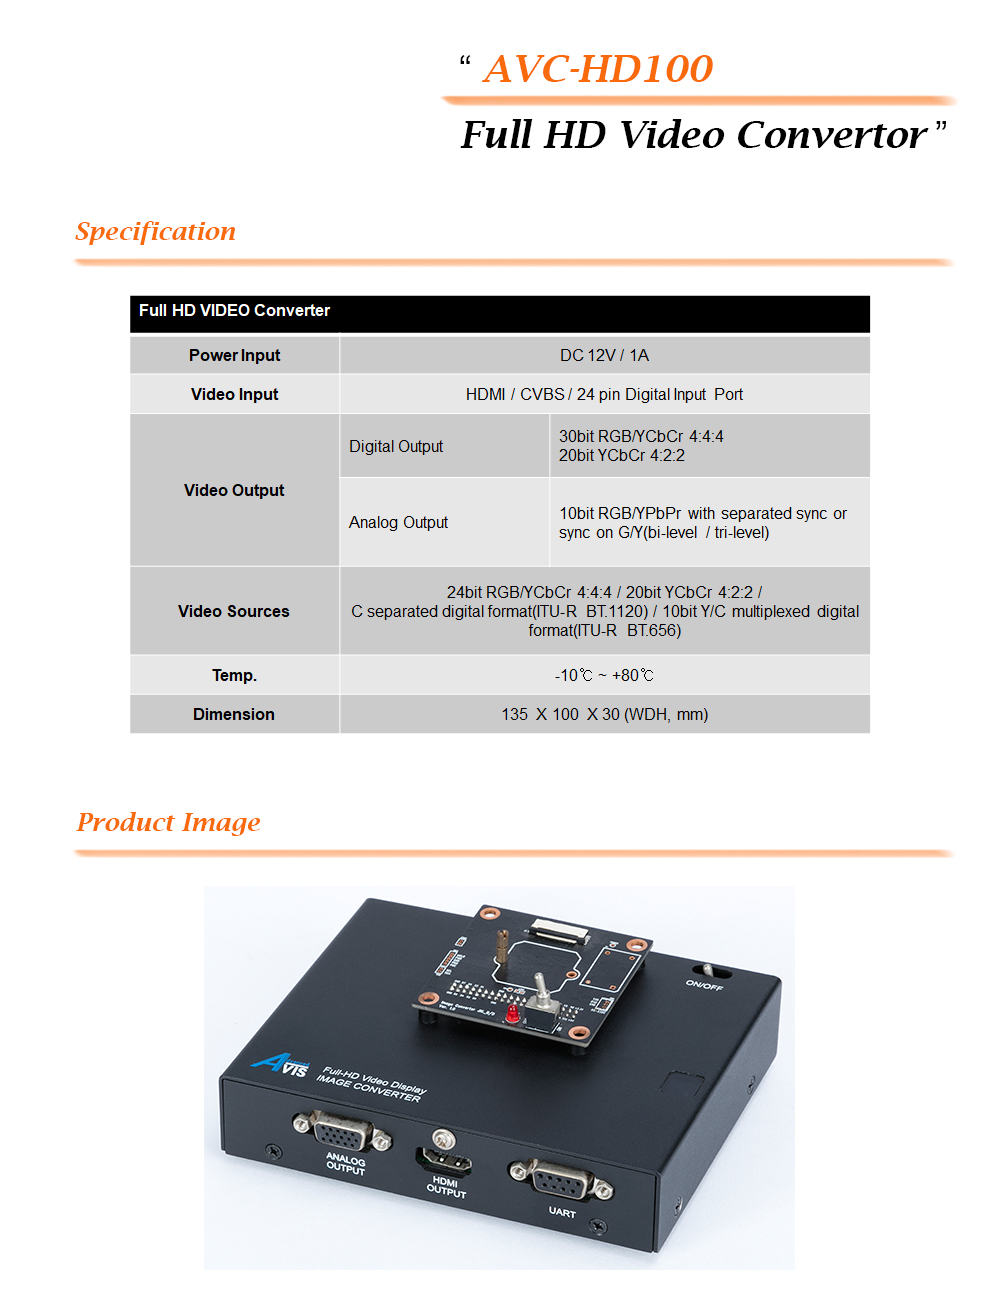 AVC-HD100 제품 설명_eng.jpg